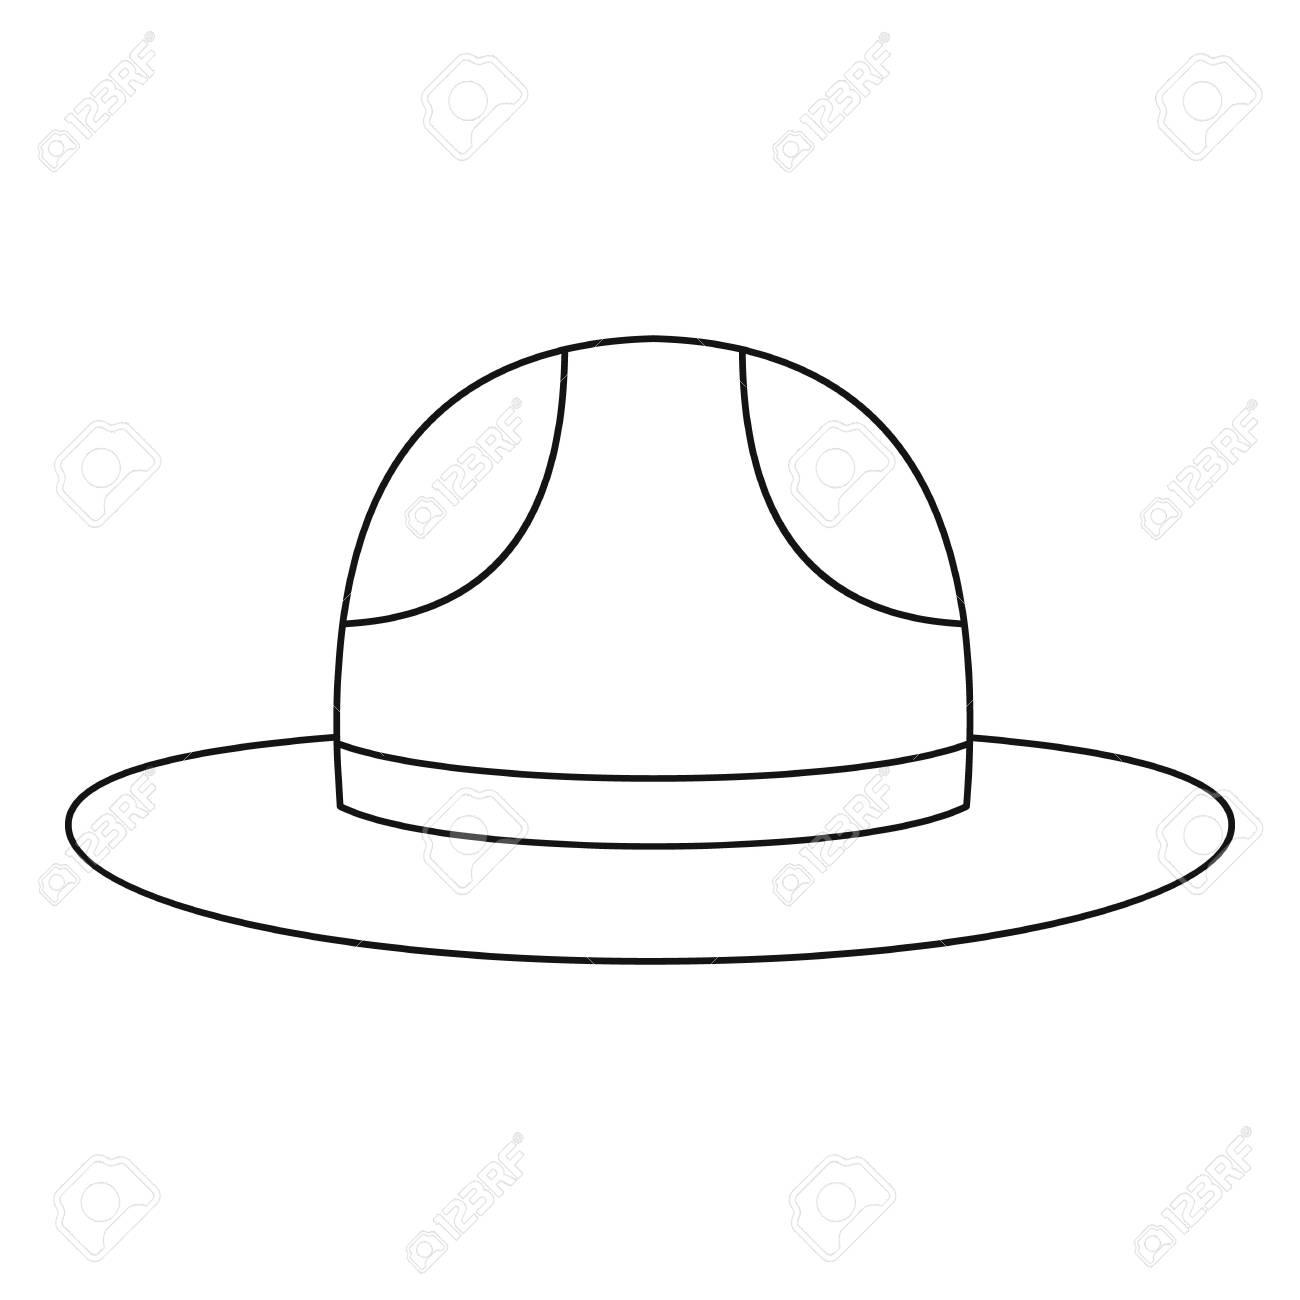 Foto de archivo - Sombrero canadiense montado icono de policía 347644d8736